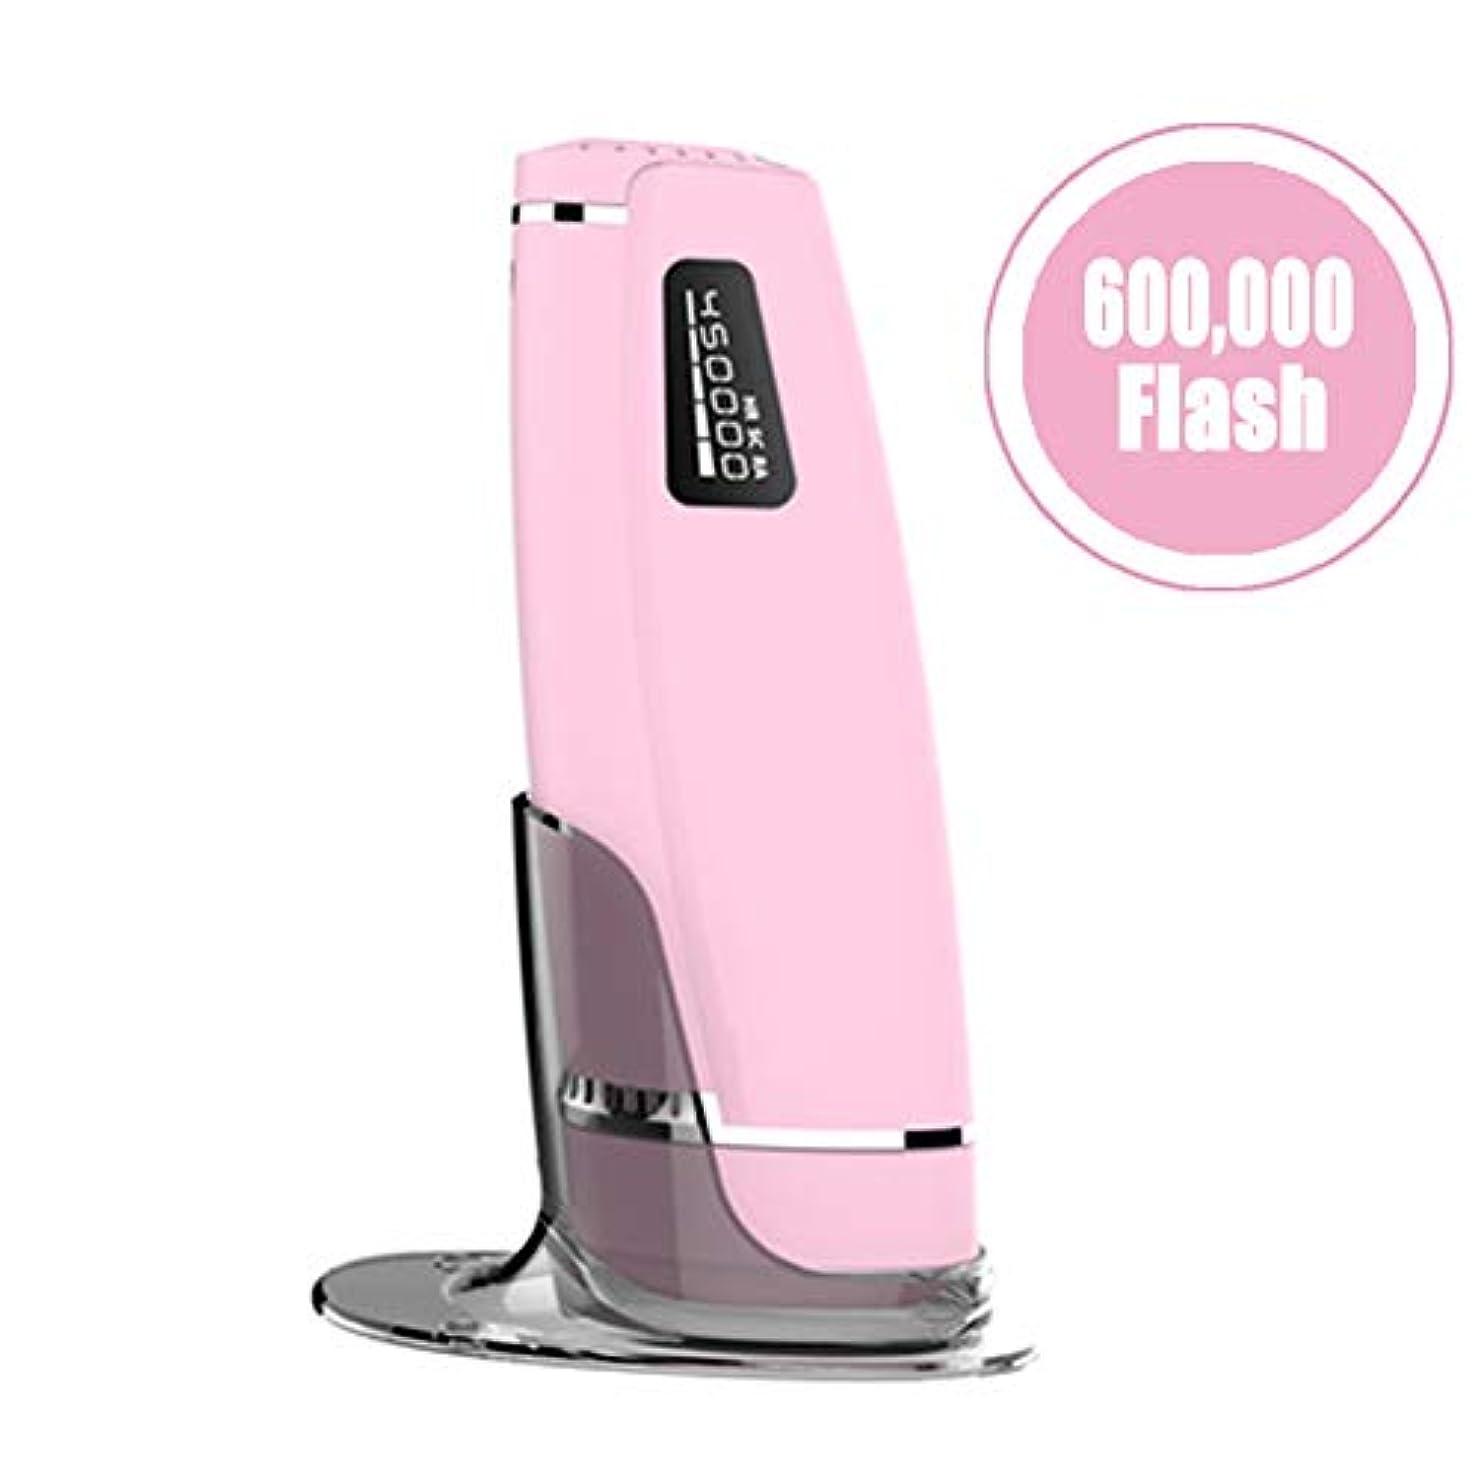 オンメダルおめでとうアップグレードIPLレーザー脱毛システムデバイス、60万回のフラッシュ無痛常設パルス光脱毛器にとってボディフェイス脇の下ビキニライン,Pink